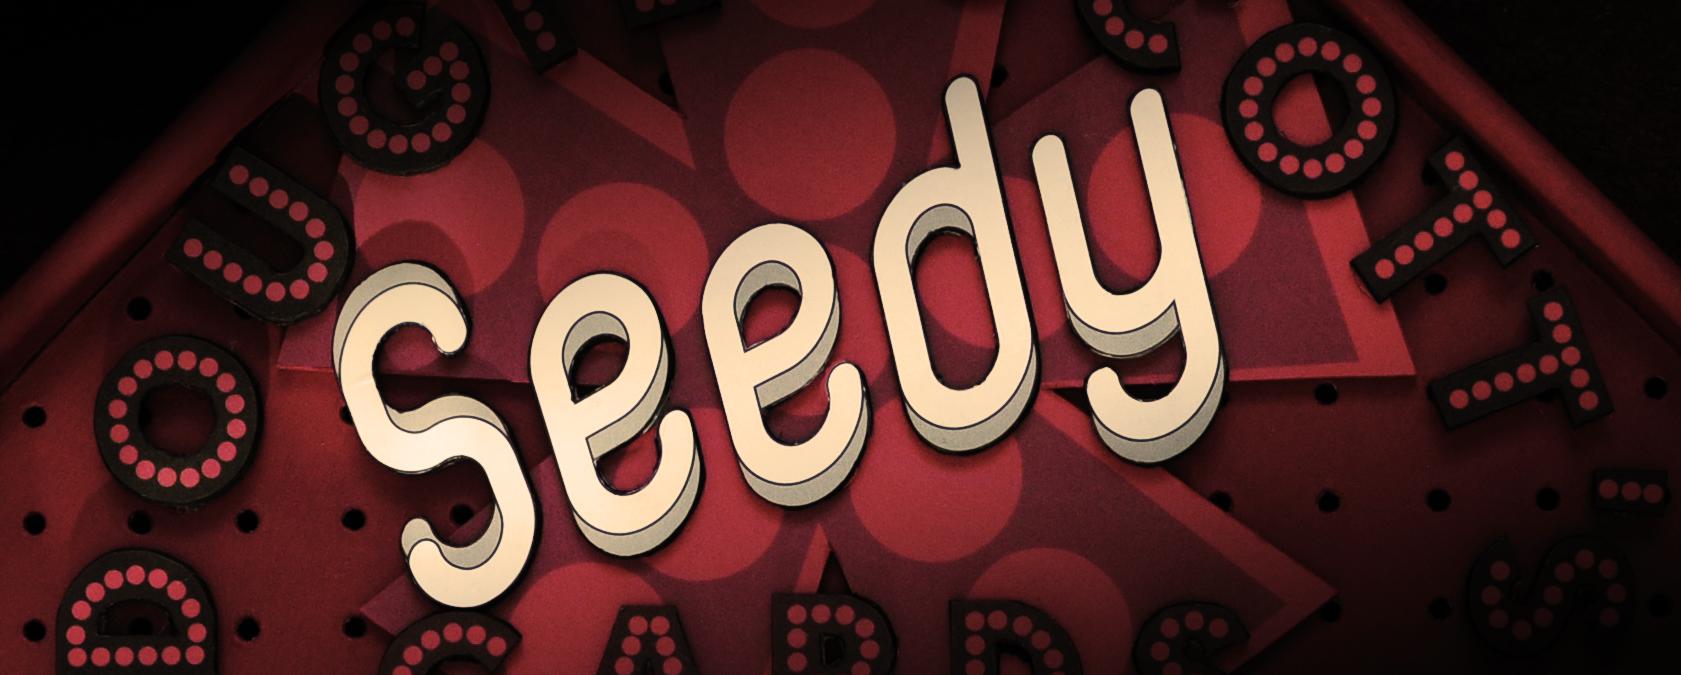 Dougie Scott's Seedy Cards Board - Top